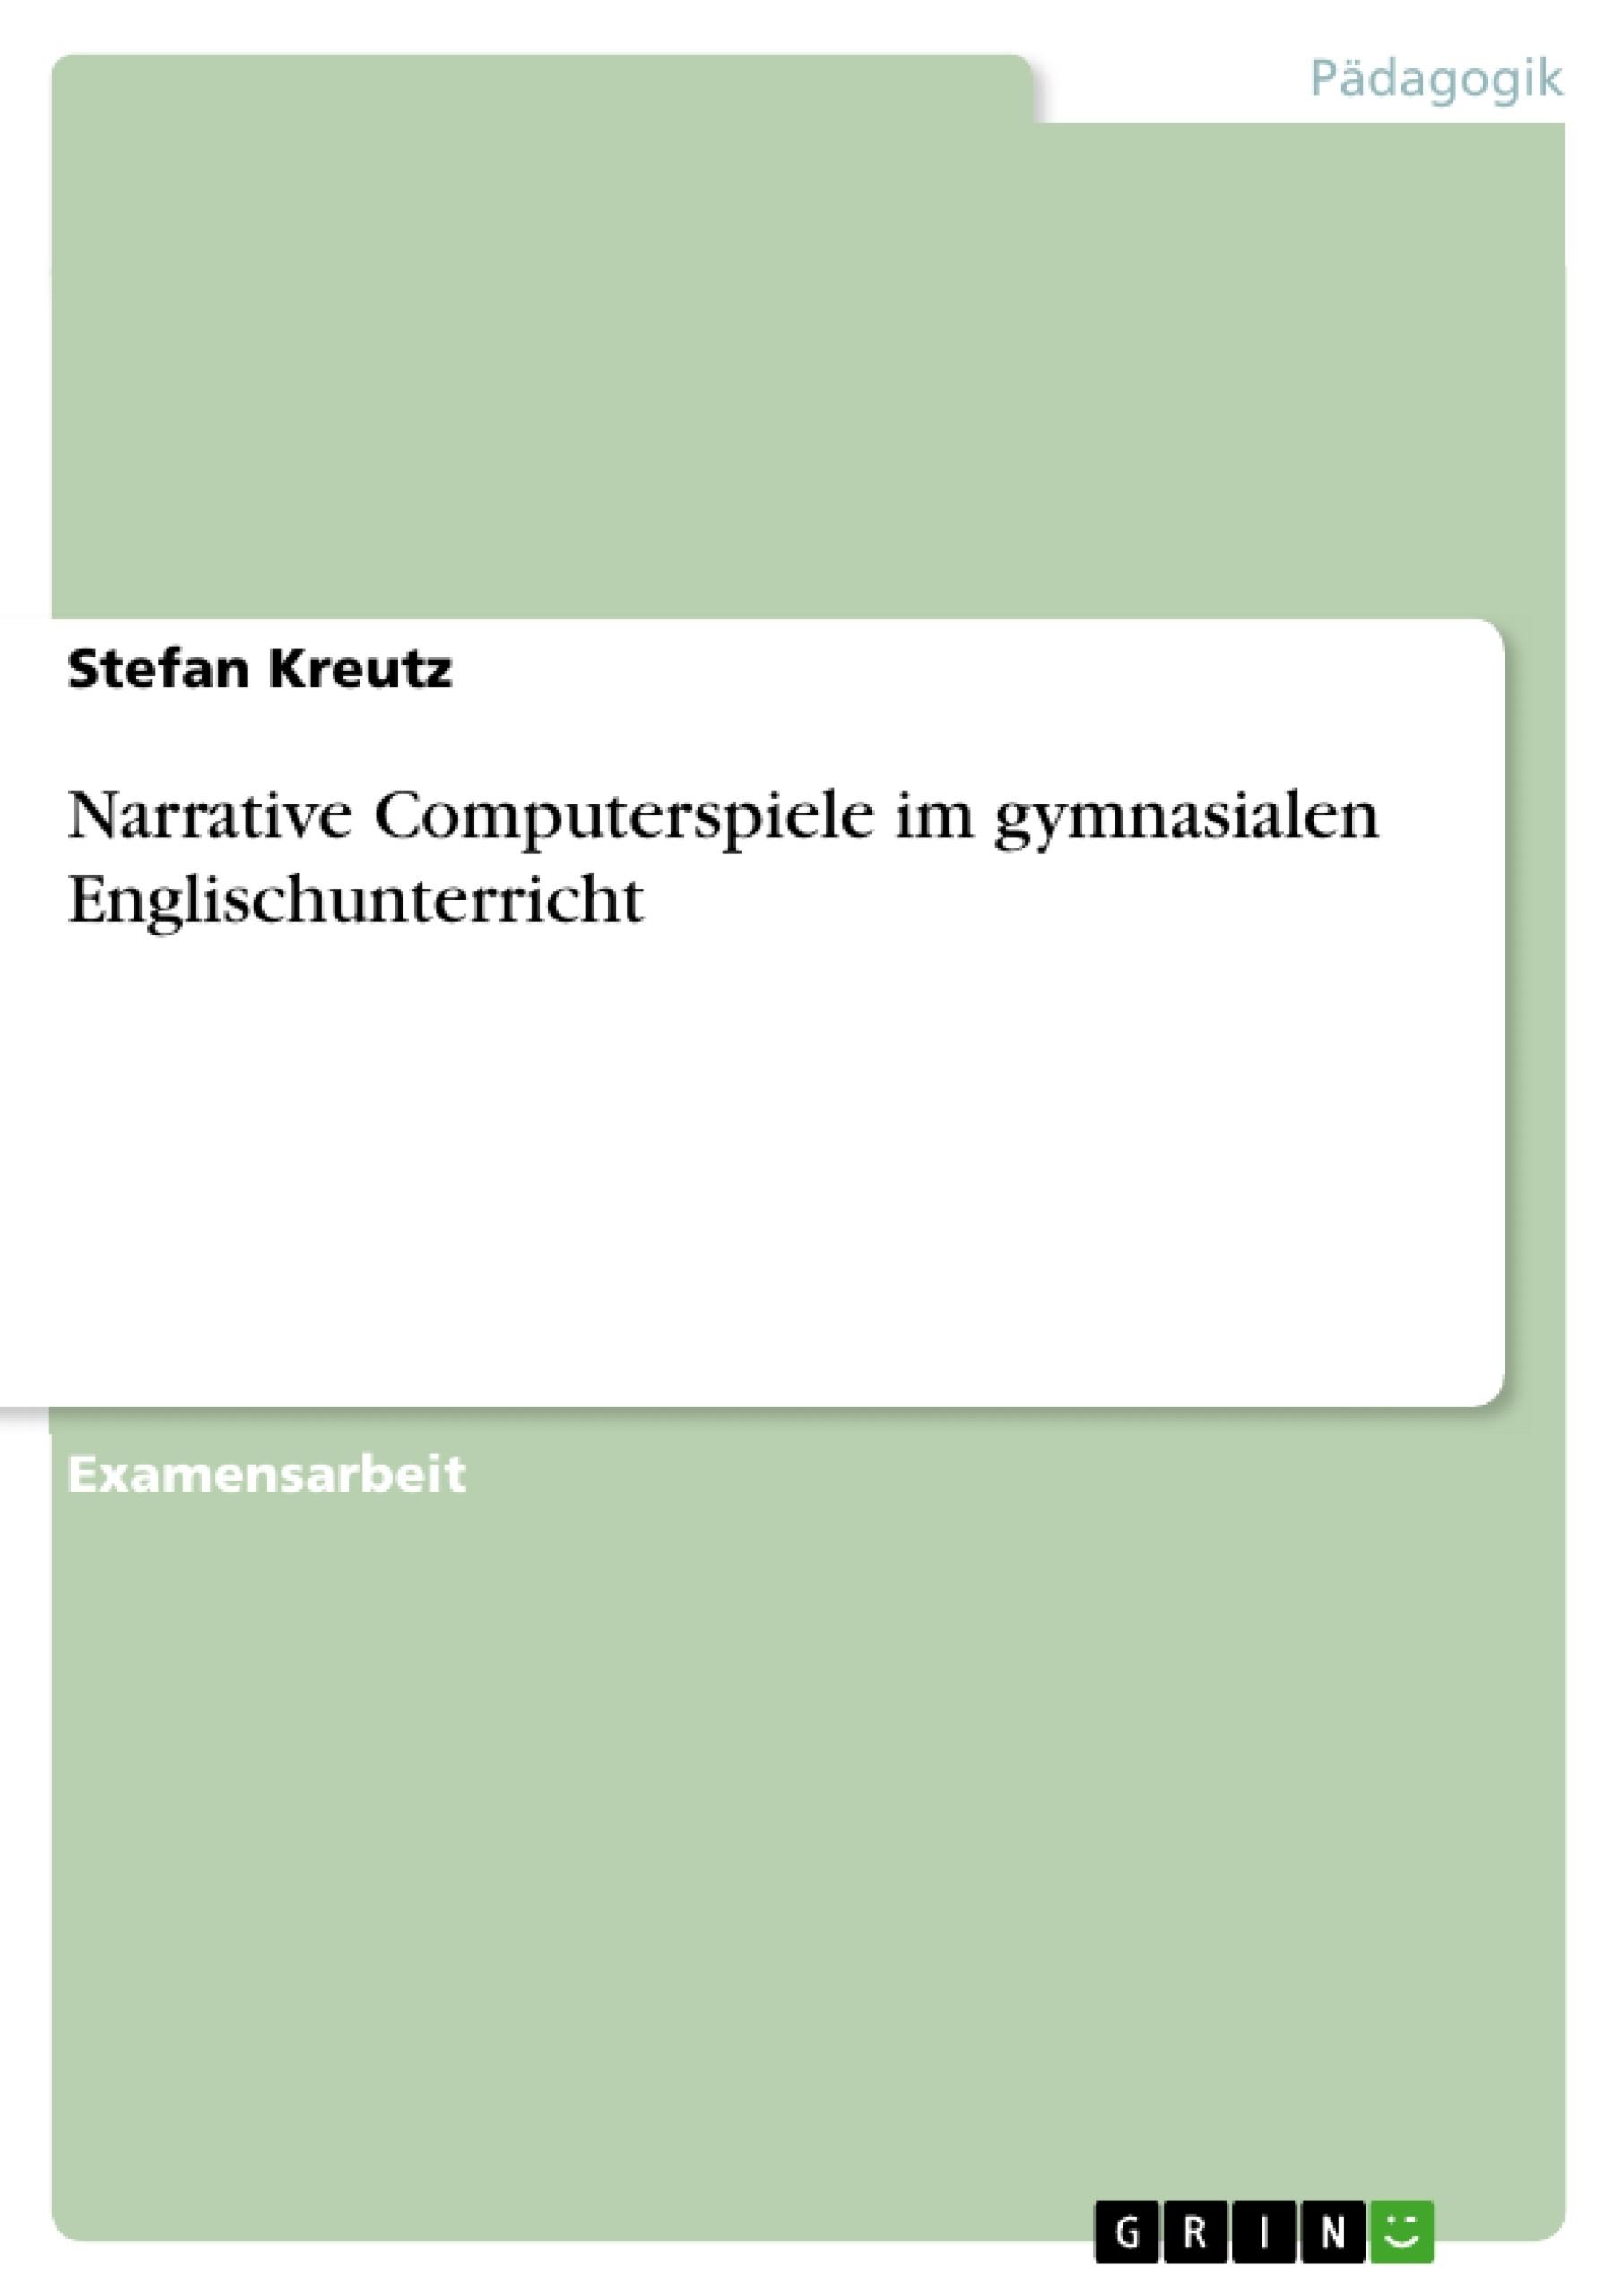 Titel: Narrative Computerspiele im gymnasialen Englischunterricht